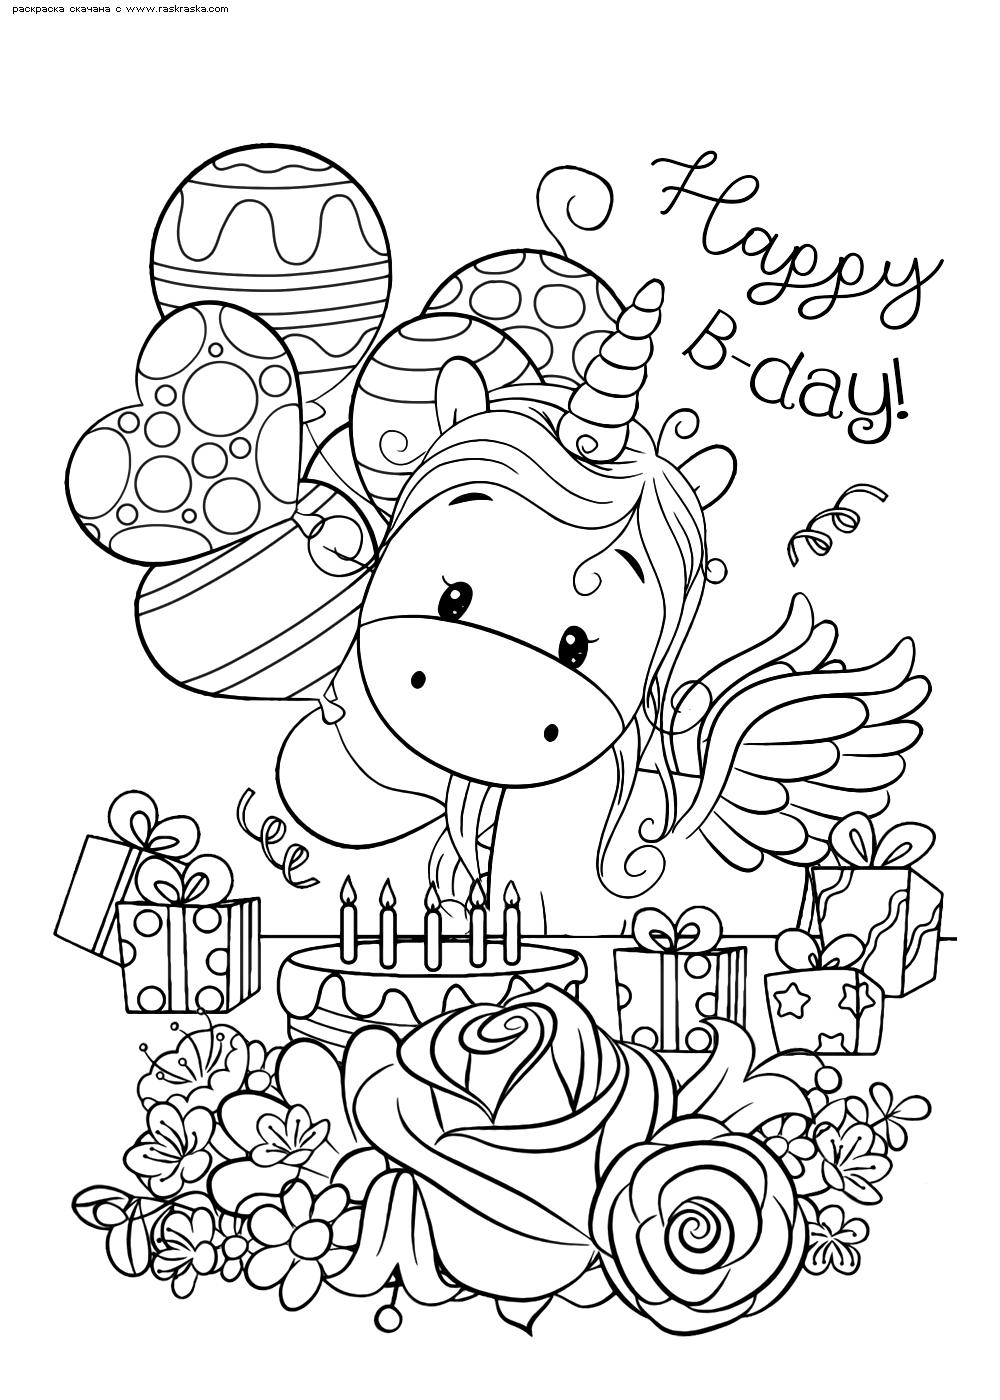 Раскраска Счастливый день рождения | Раскраски няшных ...